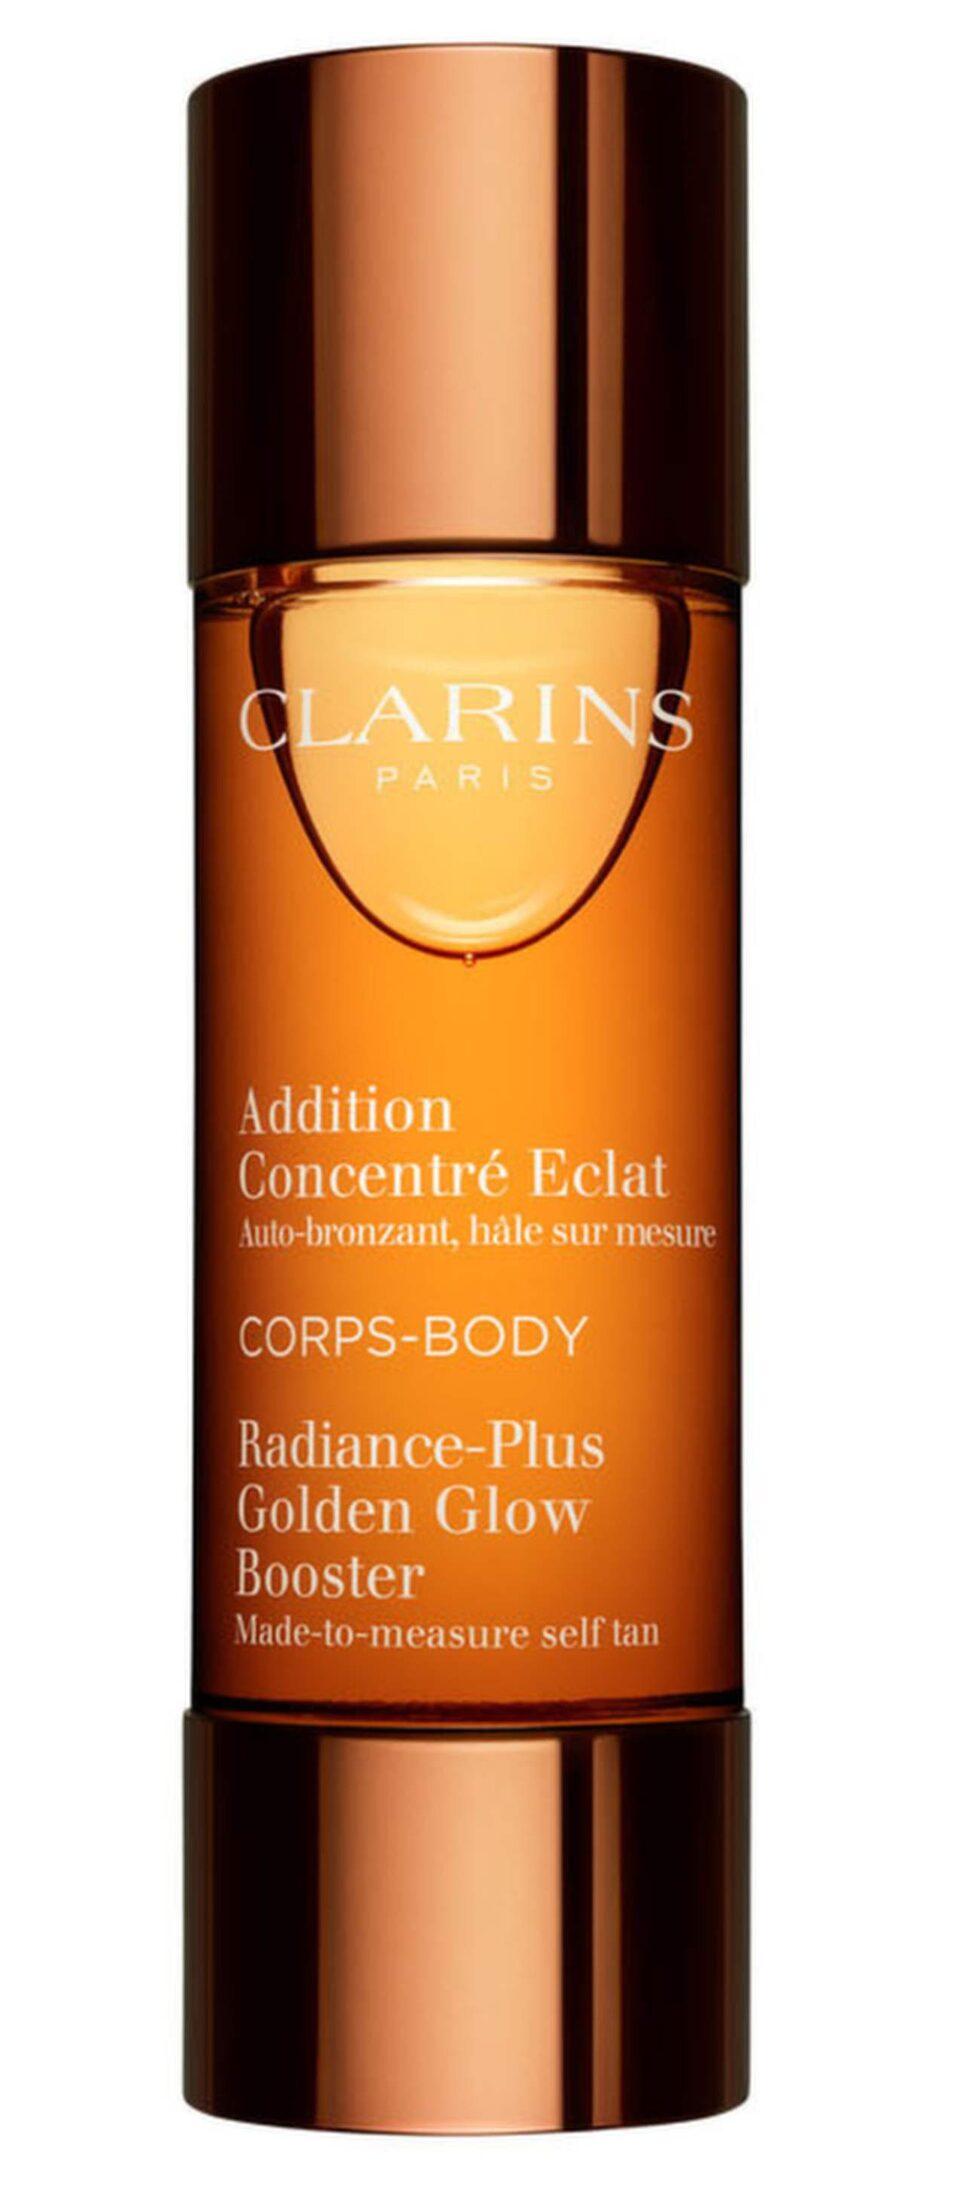 <p>Bonustips!<br>Enkel att använda, ger ett jämnt resultat och återfuktar huden utan att ge en obehaglig doft. Blanda dropparna dagligen i den vanlig dagkrämen eller i din bodylotion.<br>Radiance plus golden glow booster body, 395 kronor/30 ml, Clarins, Kicks.se.</p>